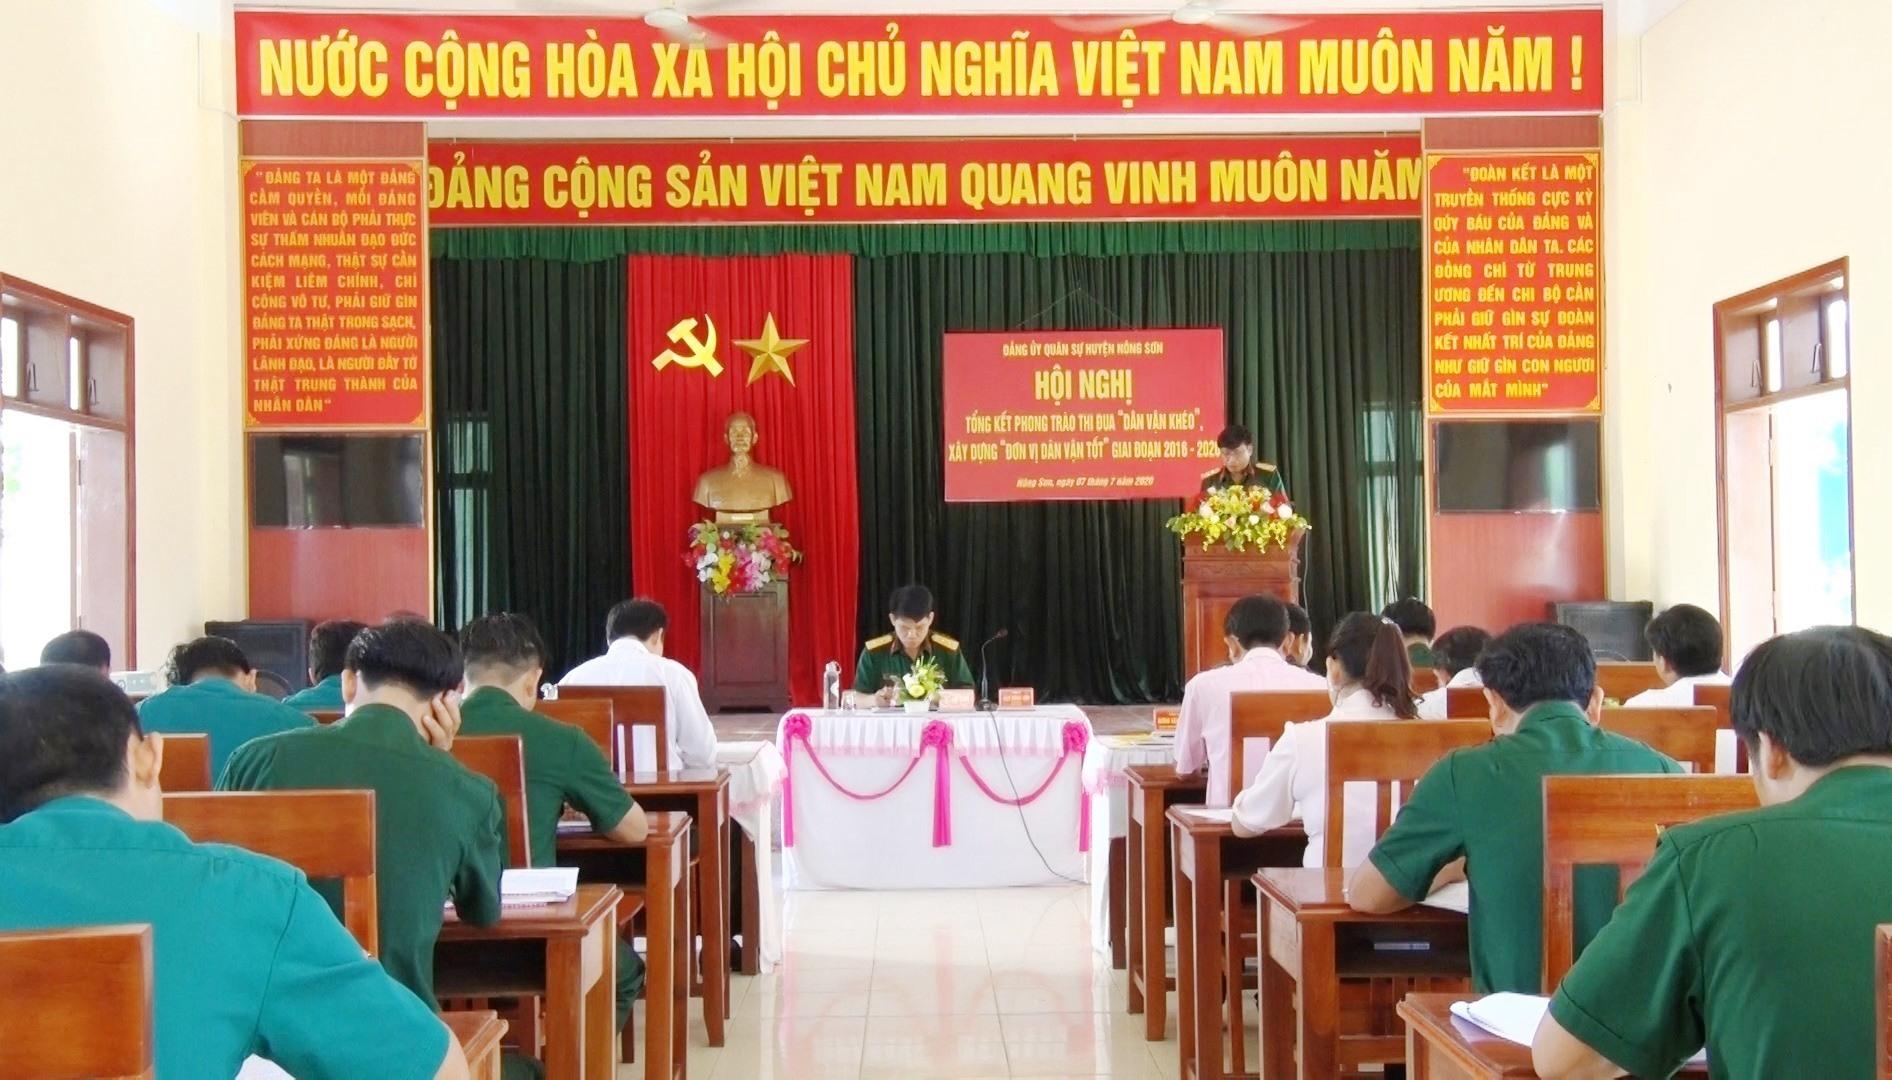 """Hội nghị đánh giá kết quả triển khai phong trào """"Dân vận khéo"""" ở Nông Sơn. Ảnh: THU PHƯƠNG"""